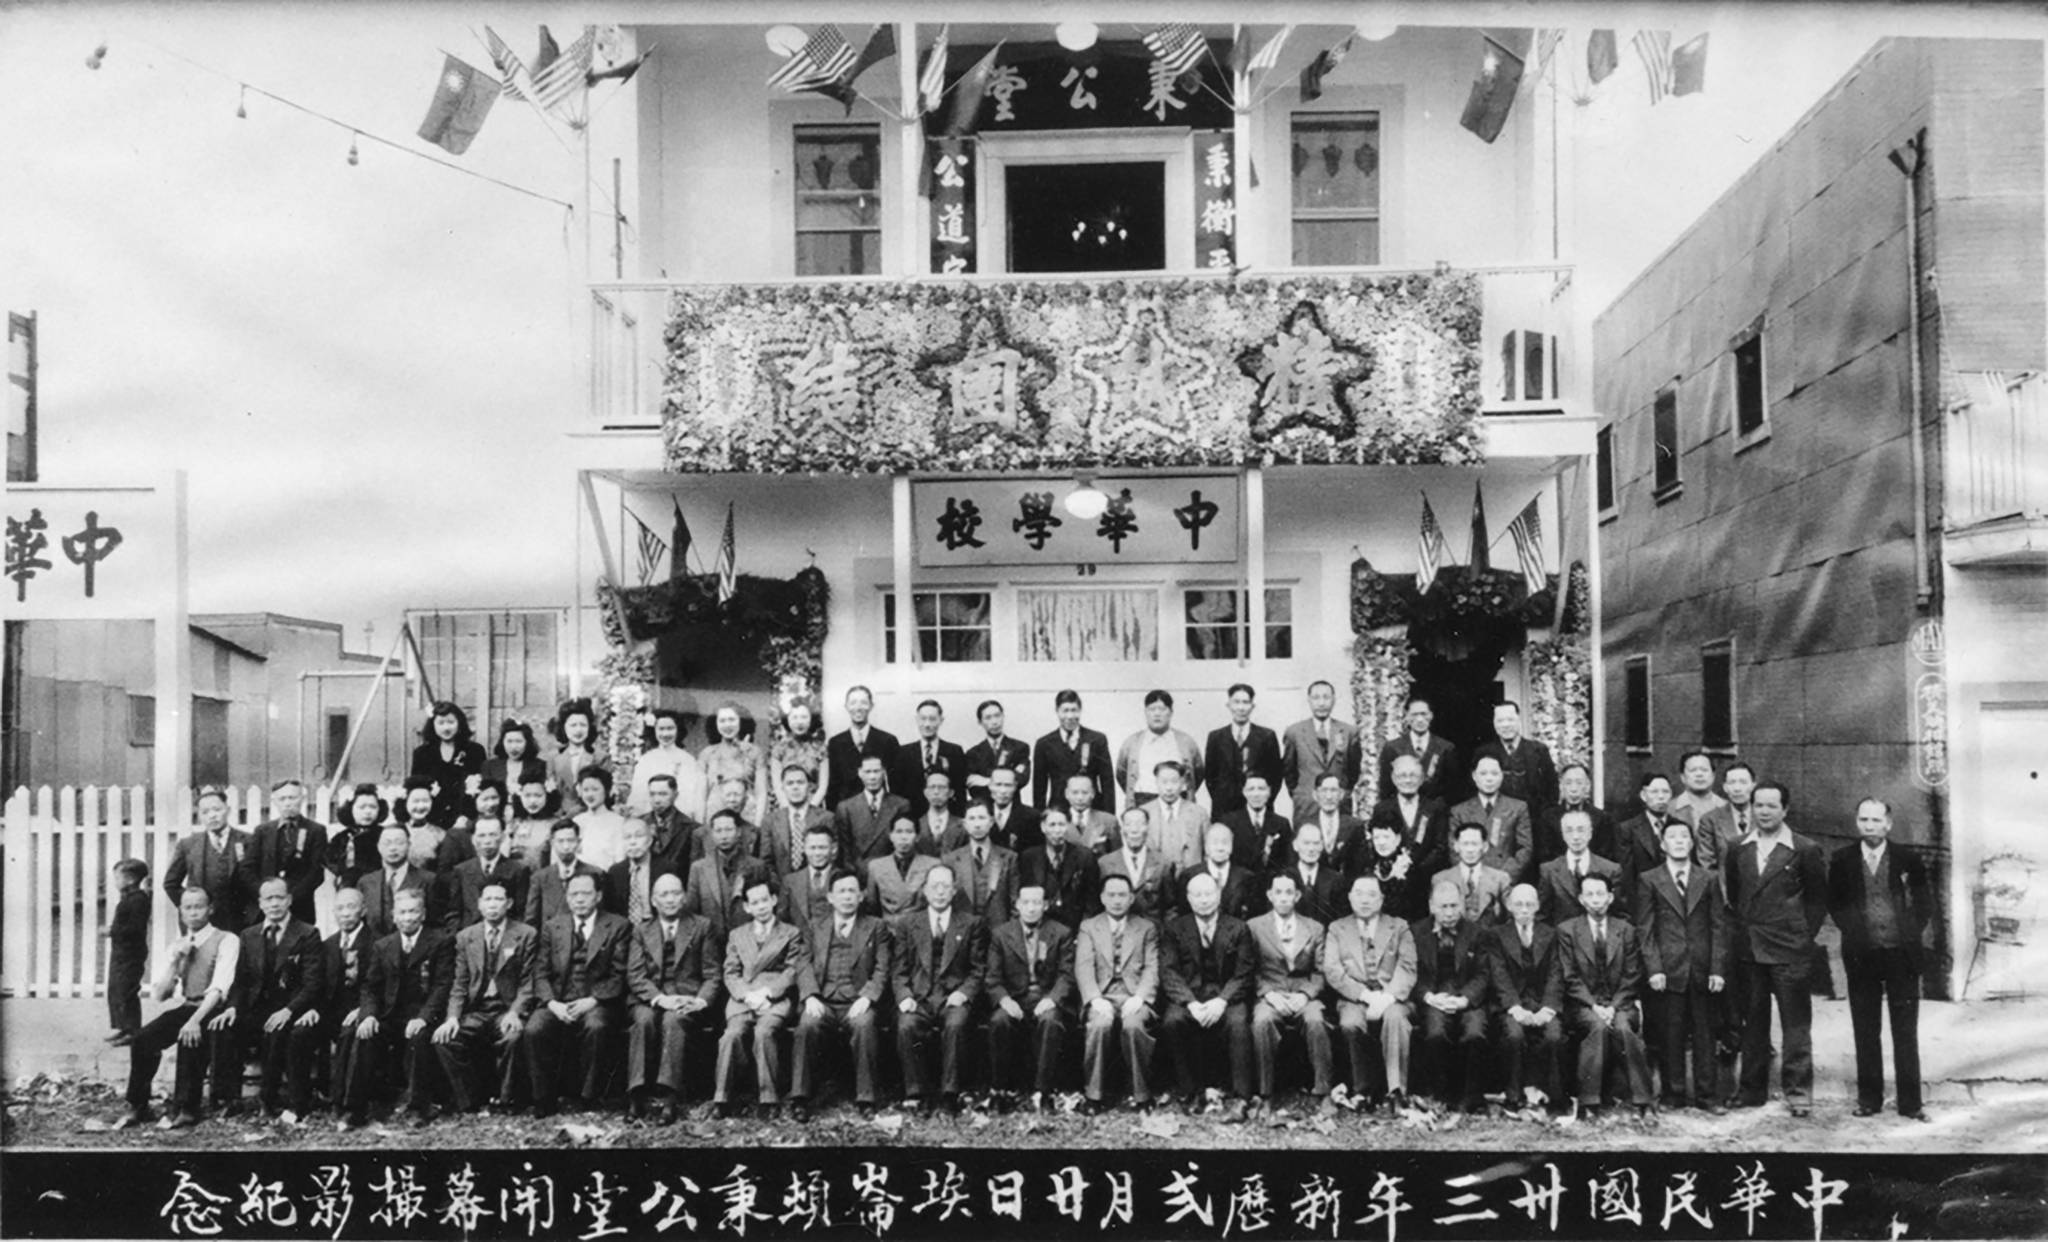 Bing Kong Tong c1940